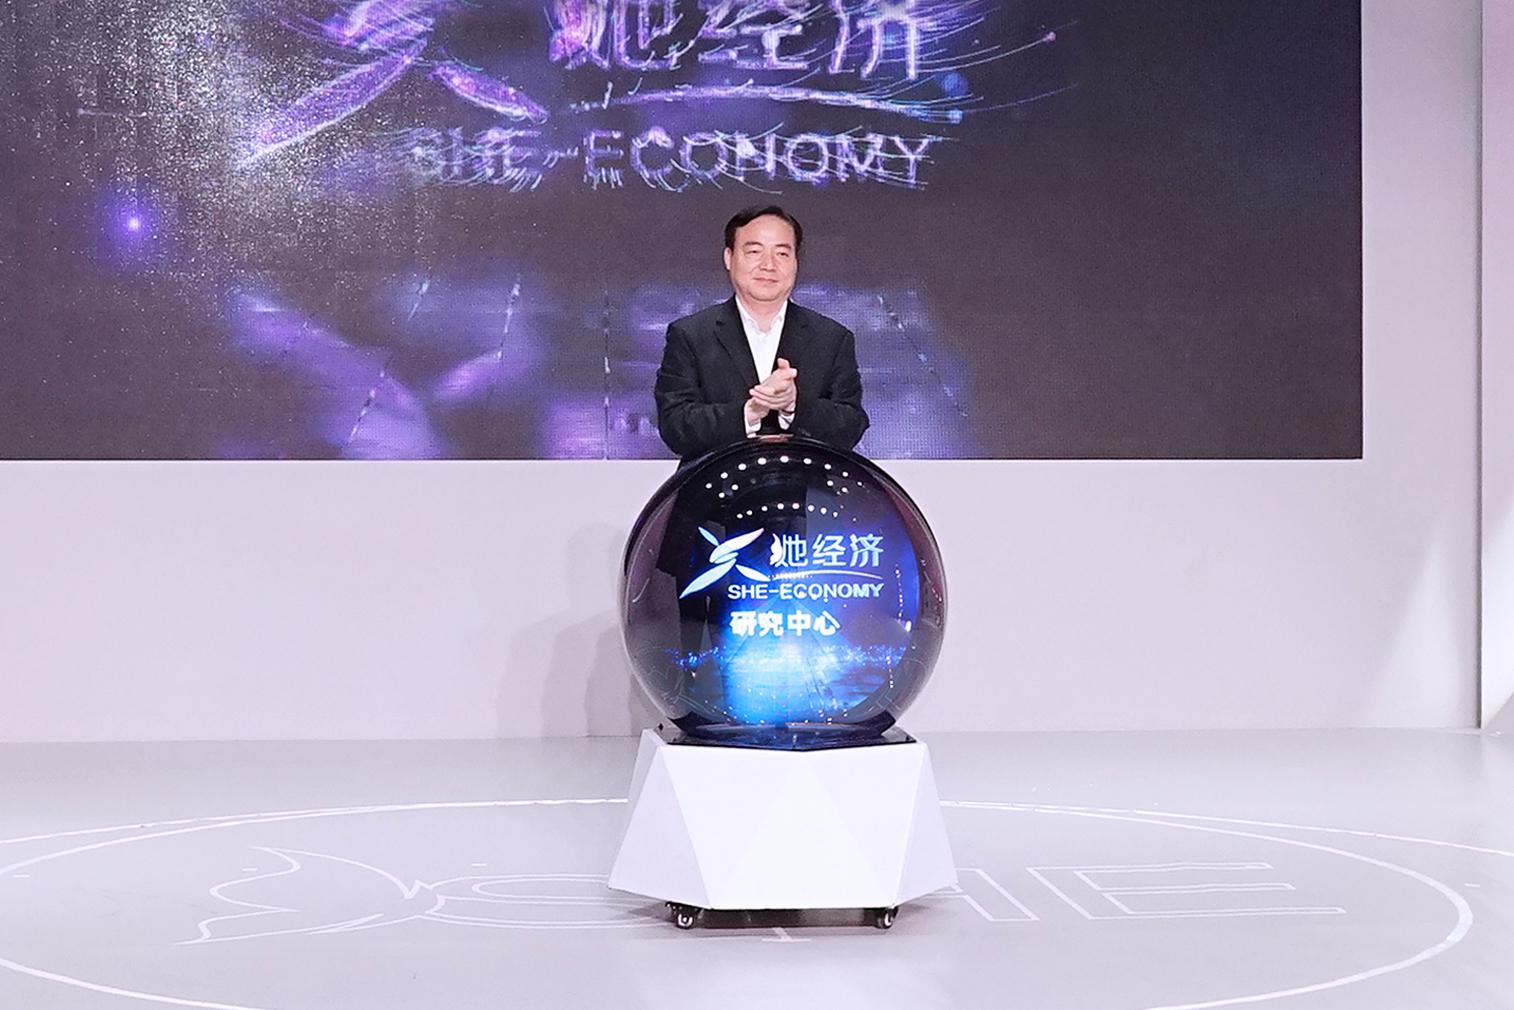 """2021东方美谷""""她经济""""论坛在沪举行"""